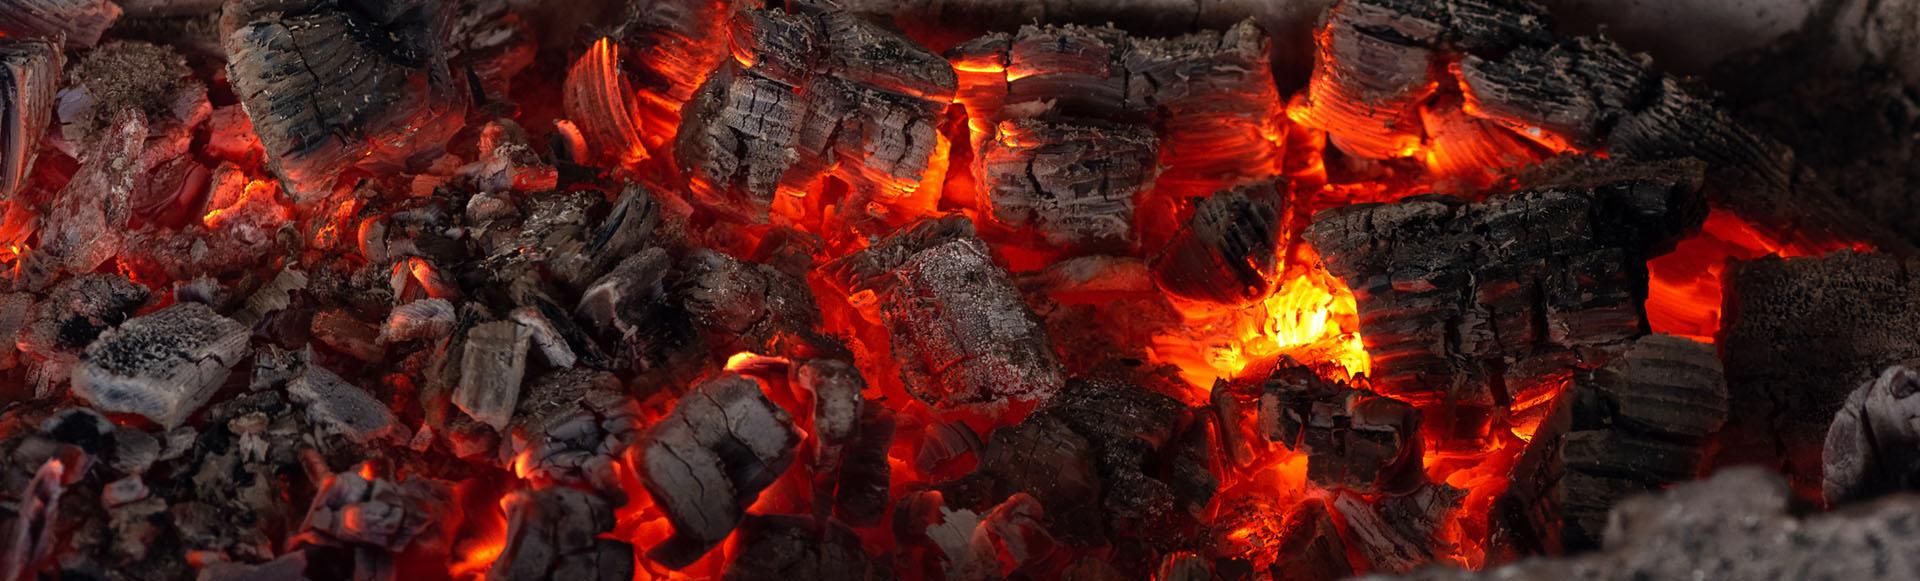 closeup of hot bbq coals